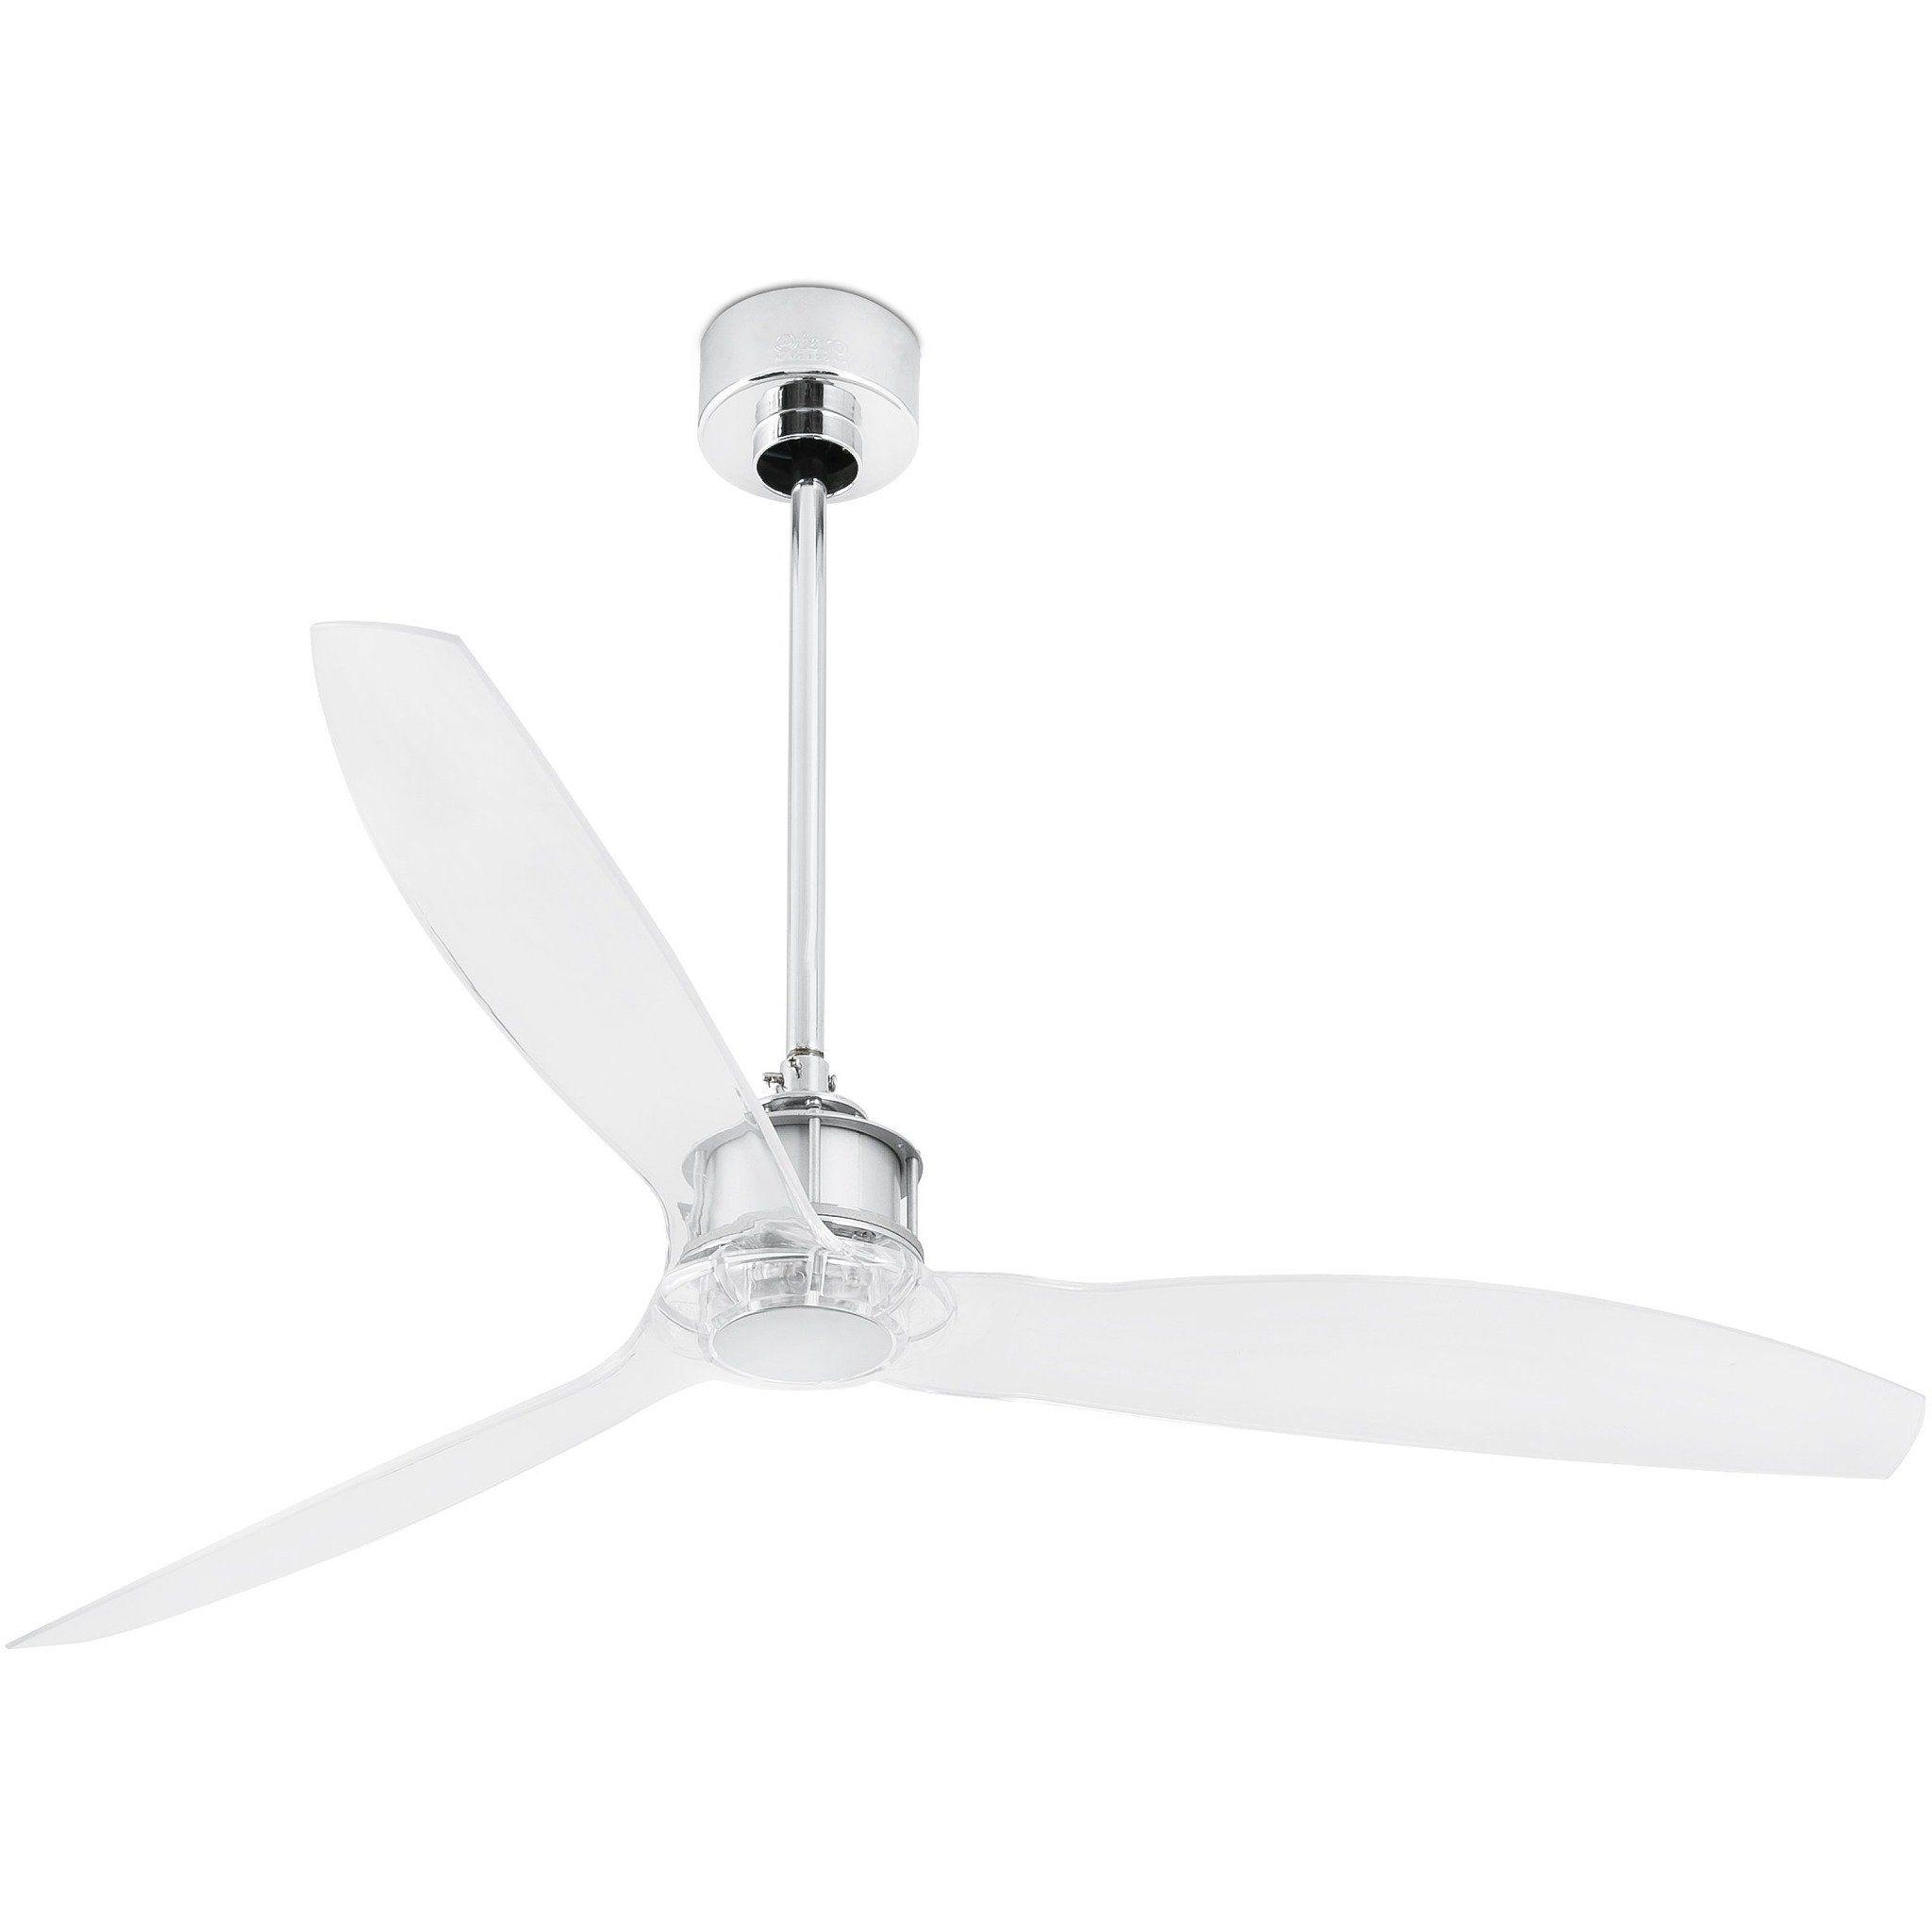 Just Fan Fan Ceiling Fan Modern Design